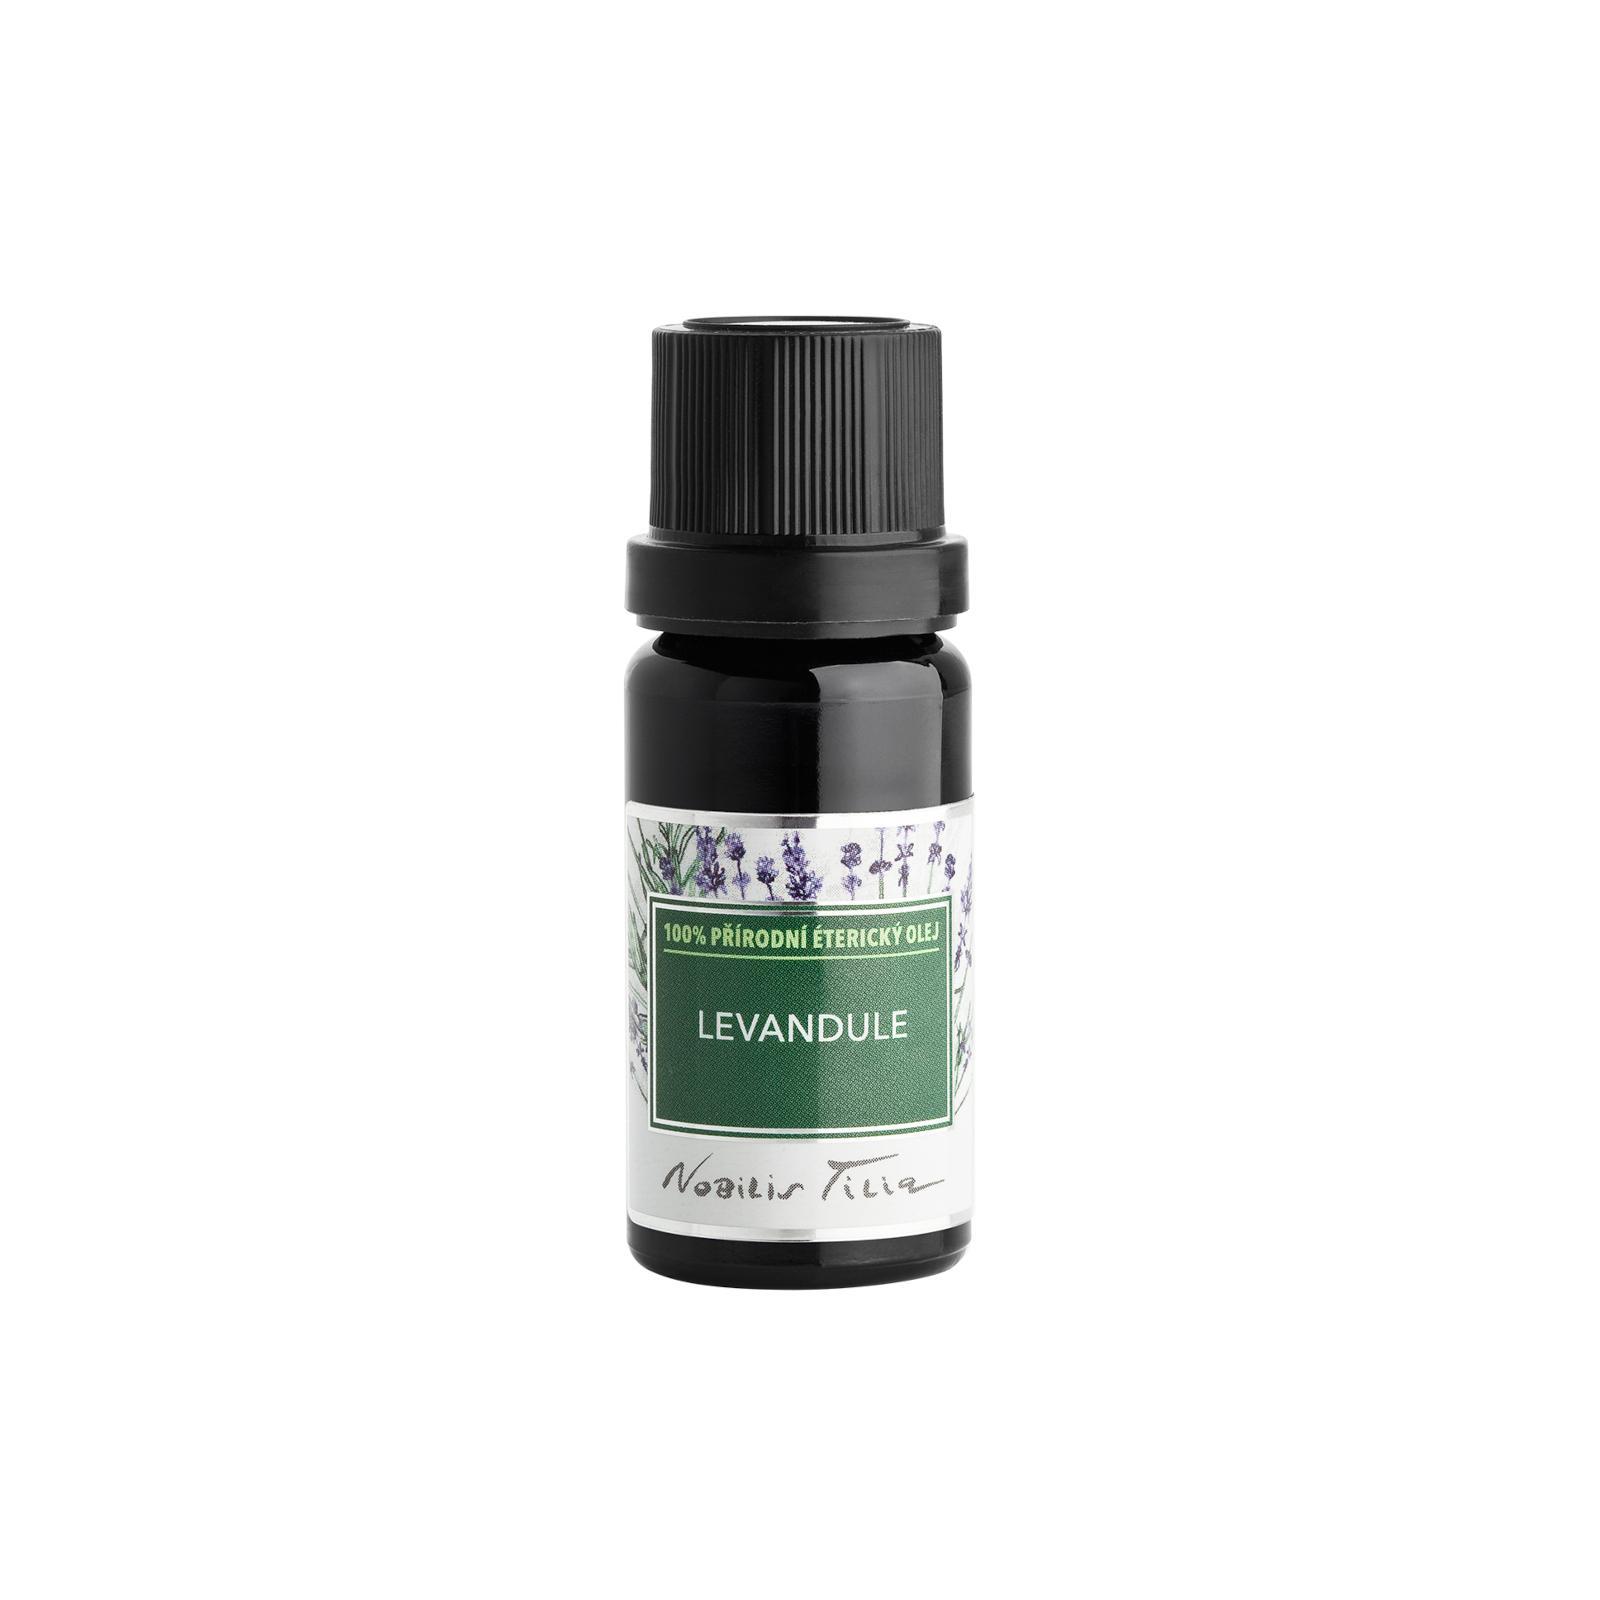 Nobilis Tilia Levandule 5 ml